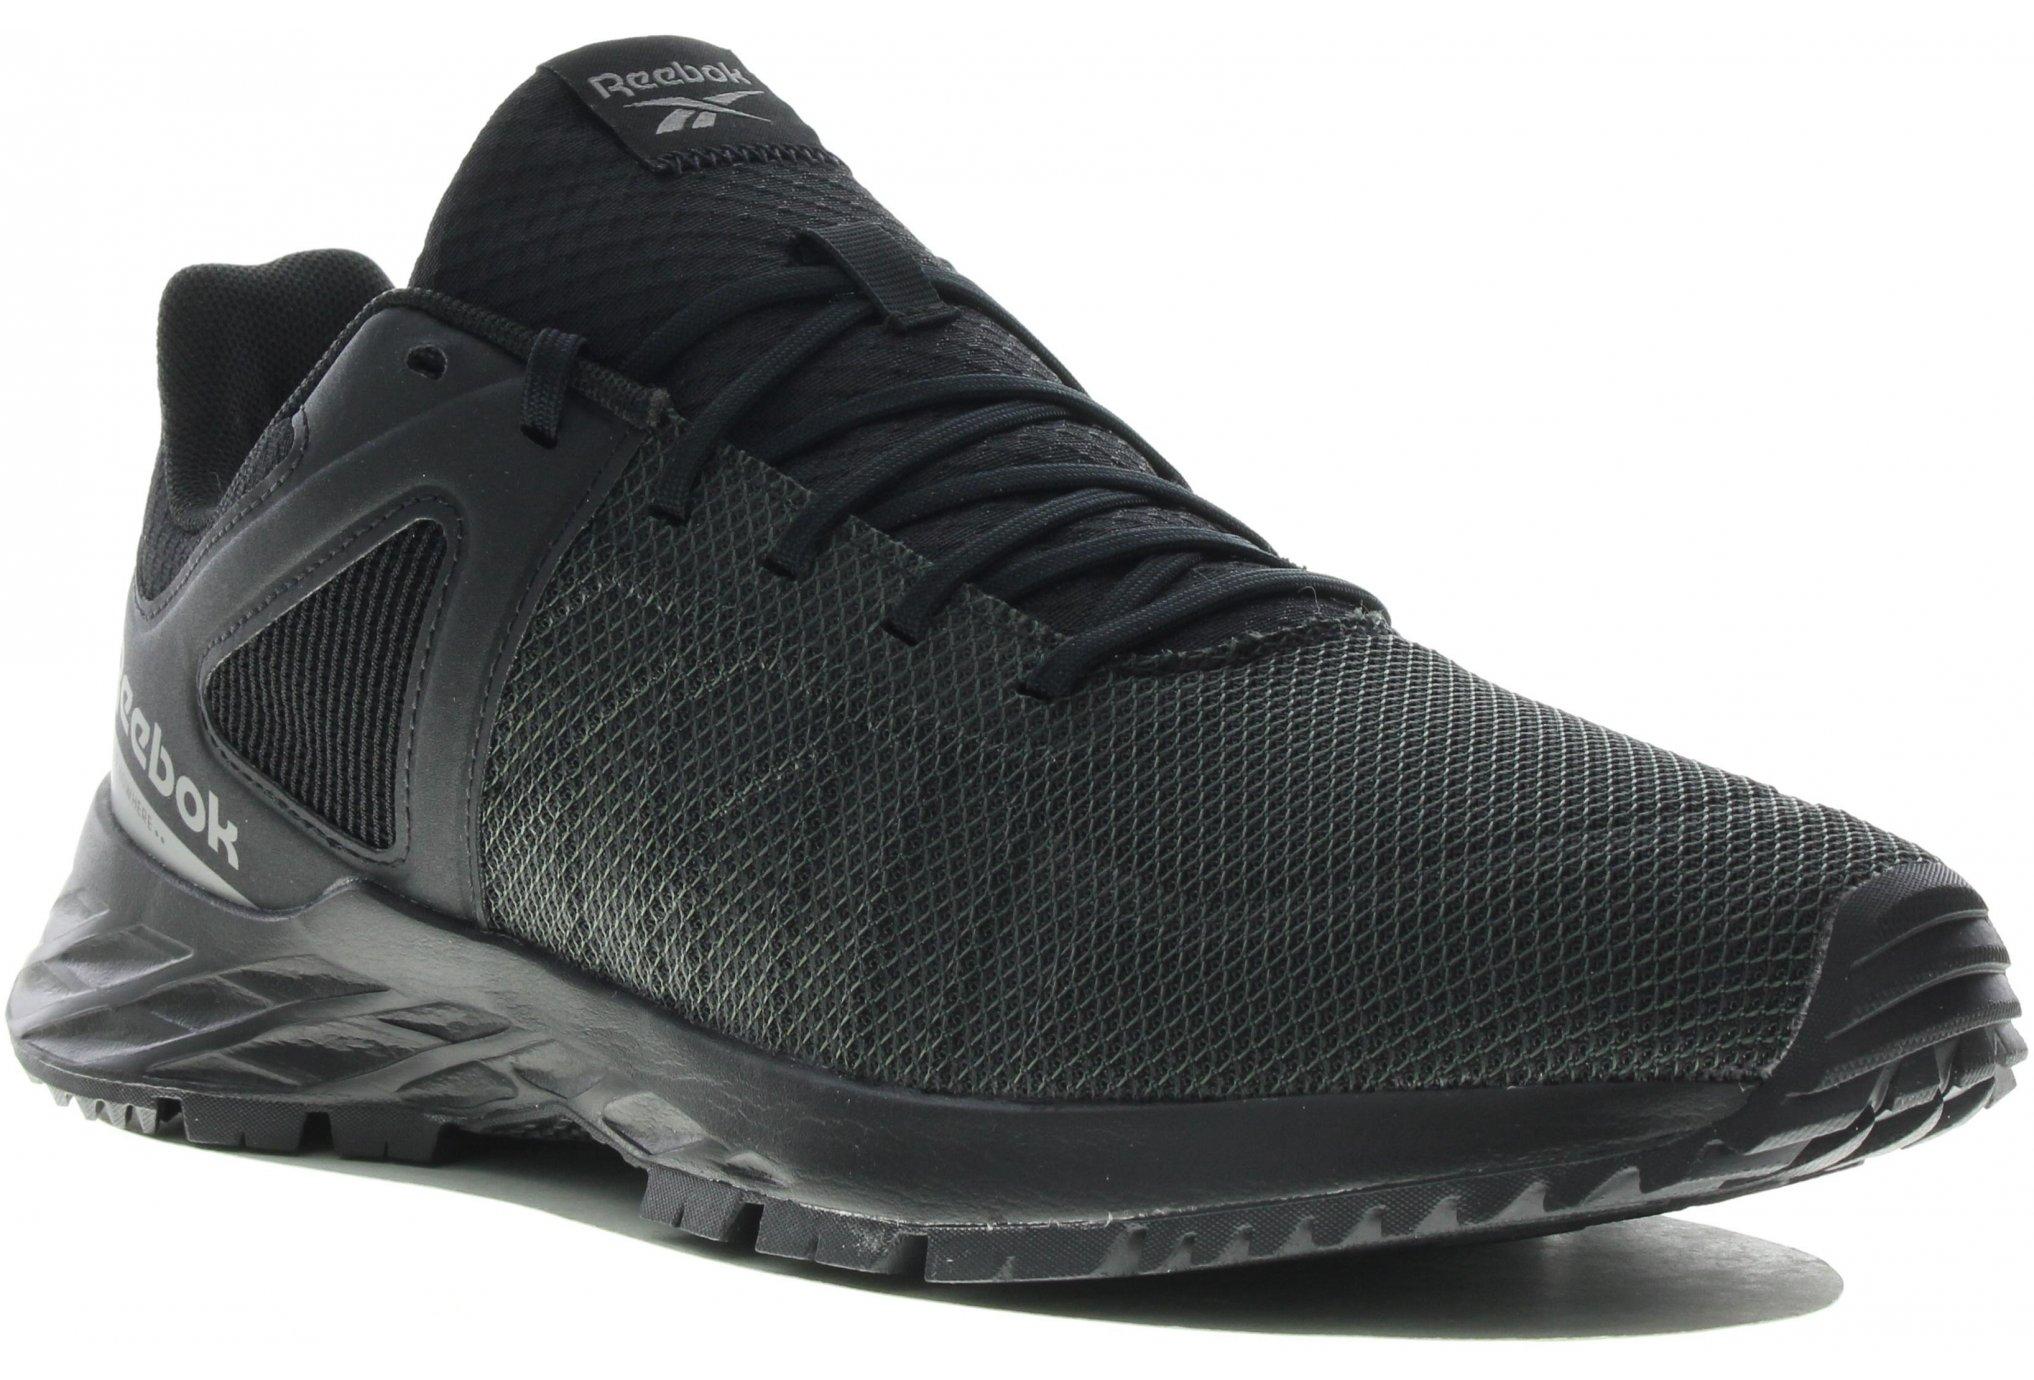 Reebok Astroride Trail 2.0 M Chaussures homme